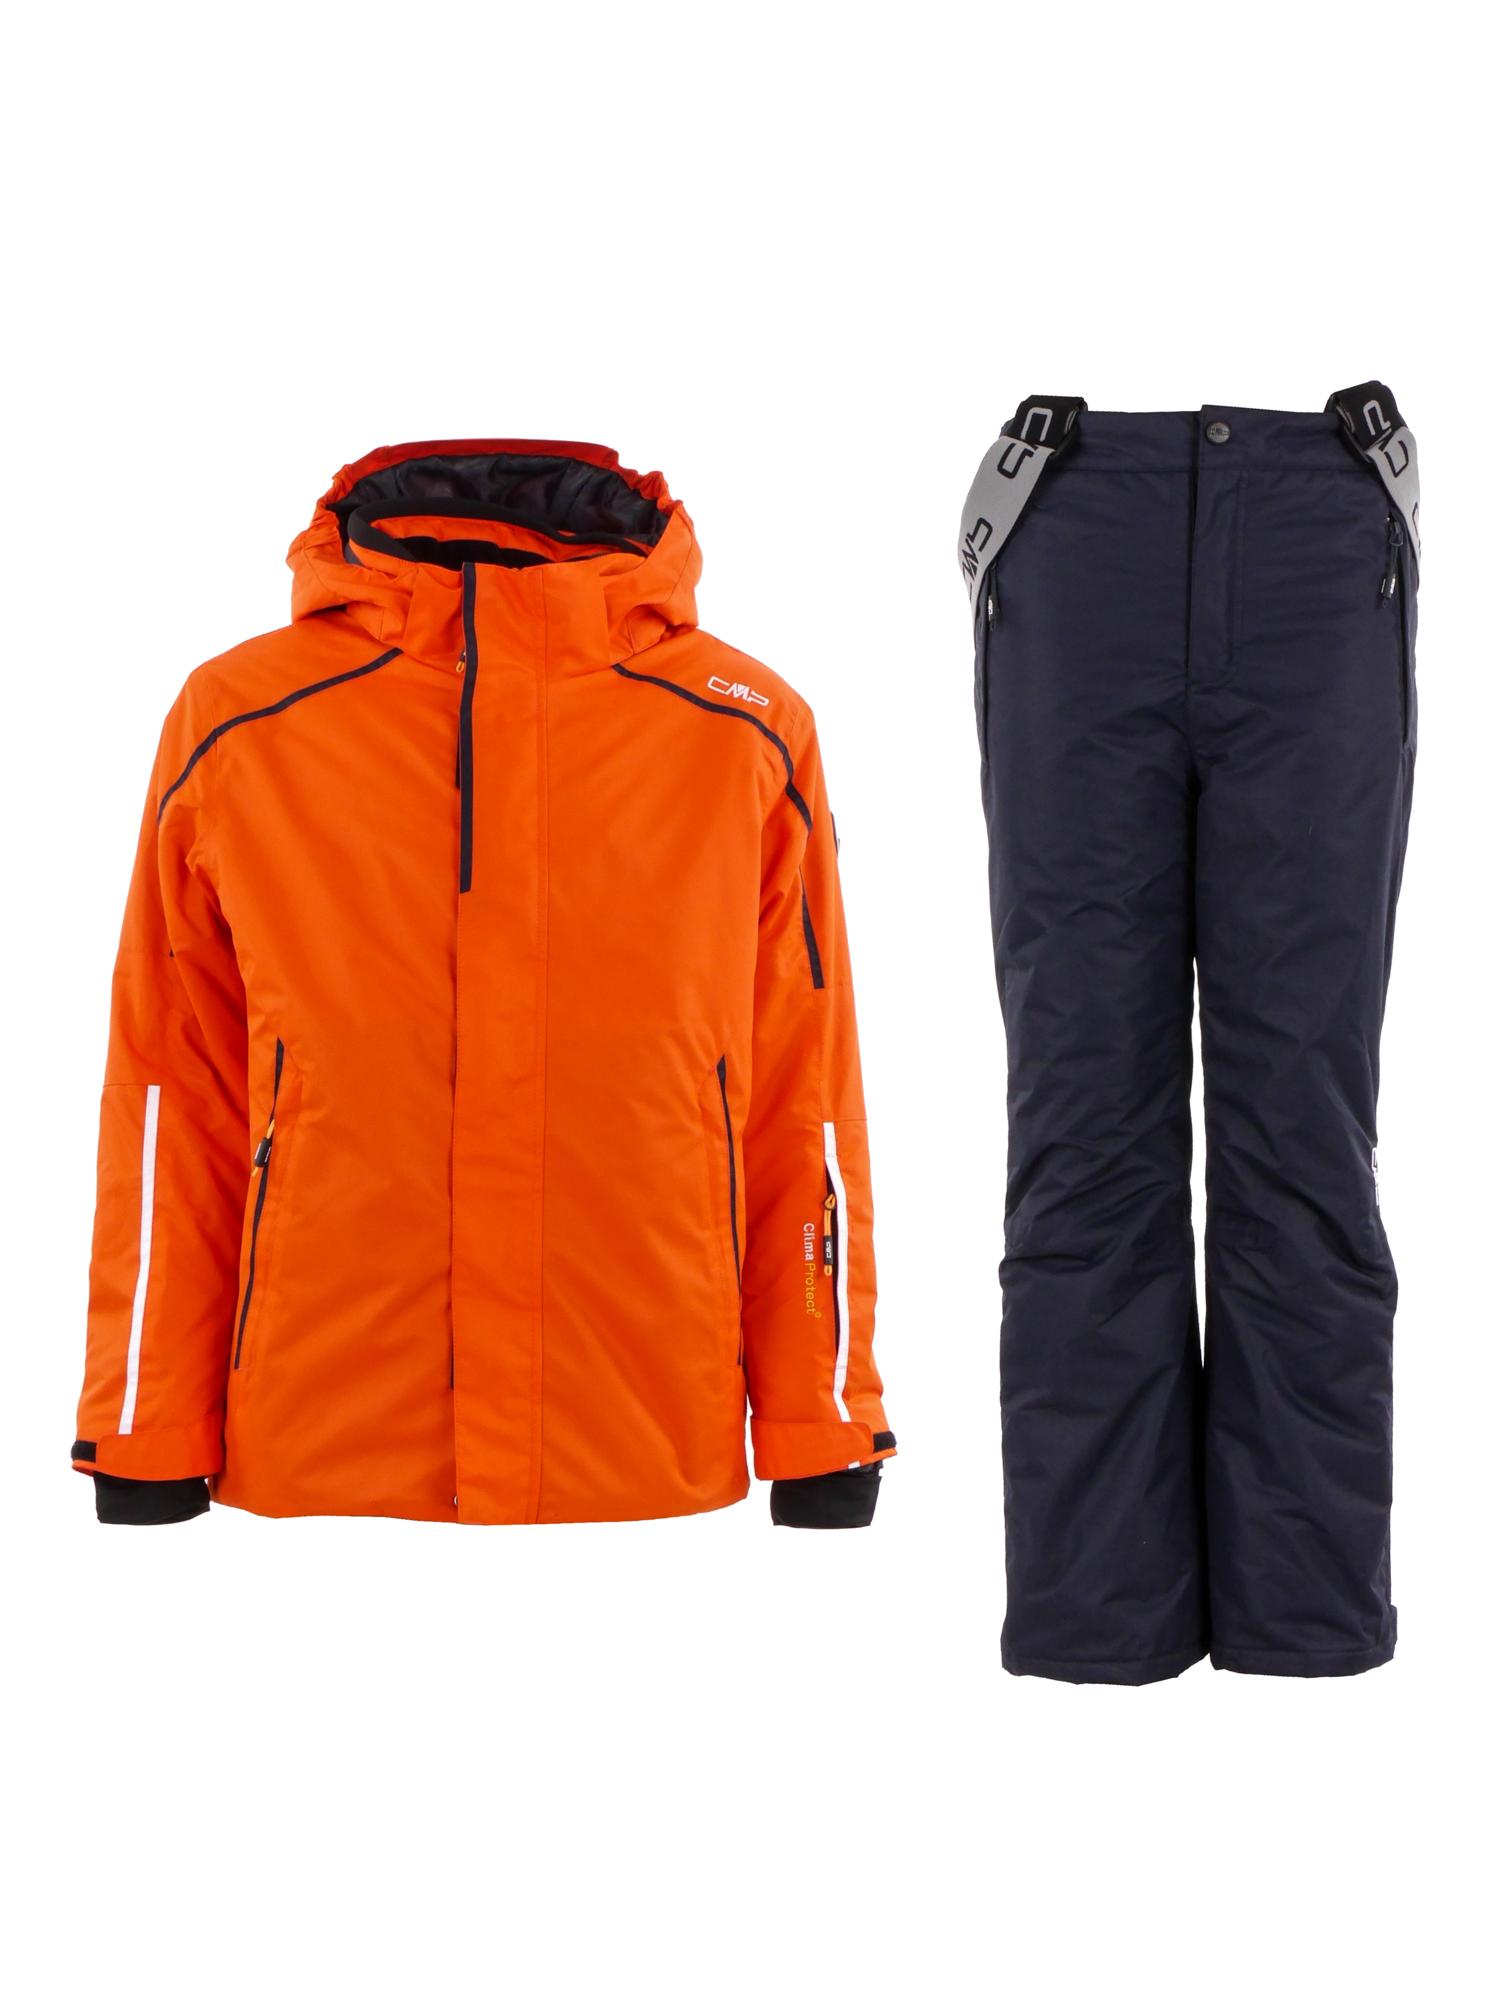 Details zu CMP Ski Set Skijacke und Skihose Kids Kinder Jungen orange blau 3K